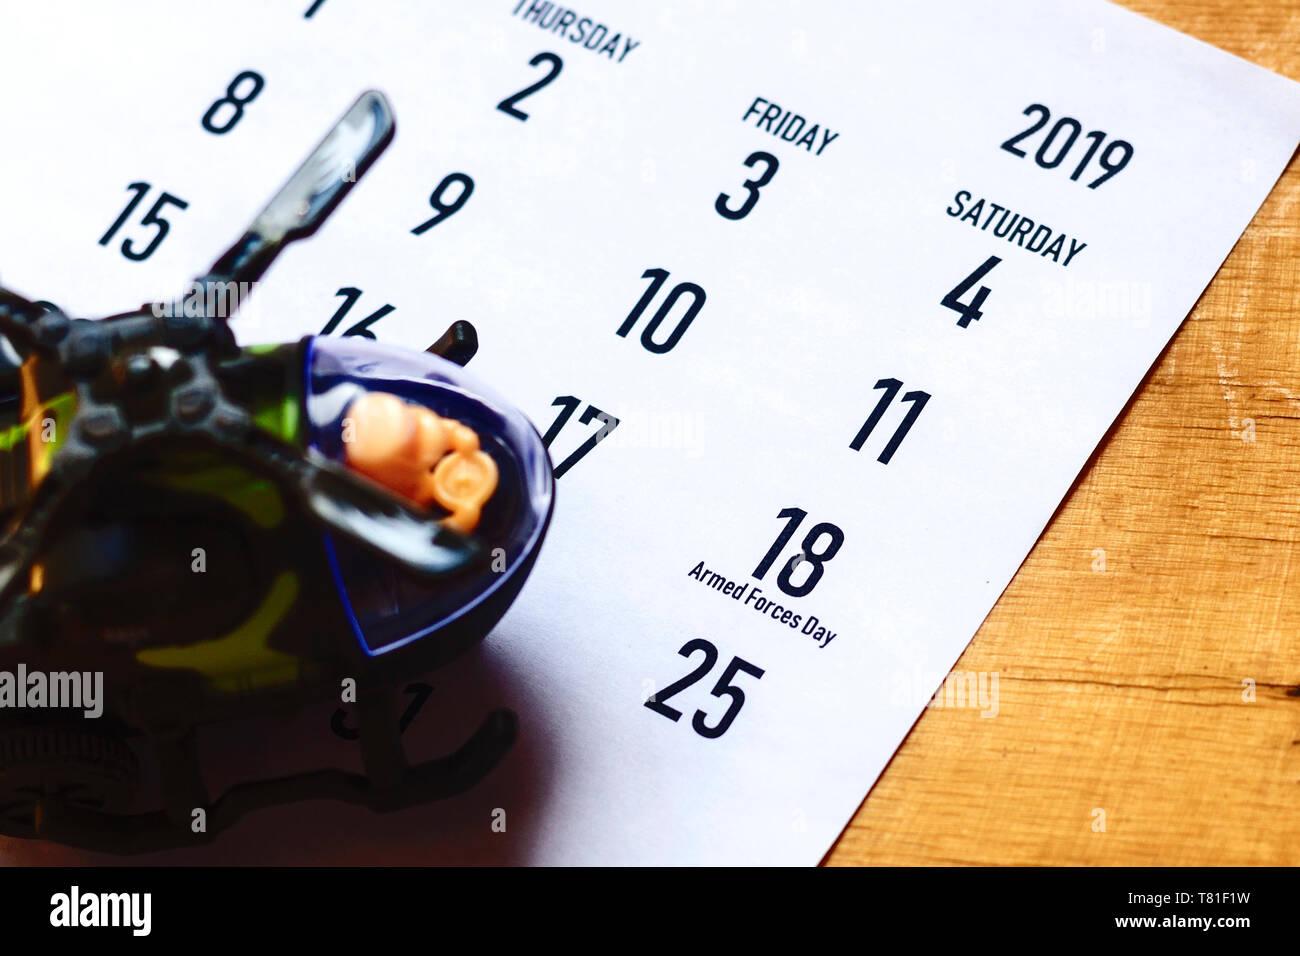 Calendario Como Helicóptero Del Con Símbolo De Día Las Juguete PZwiTlOXuk